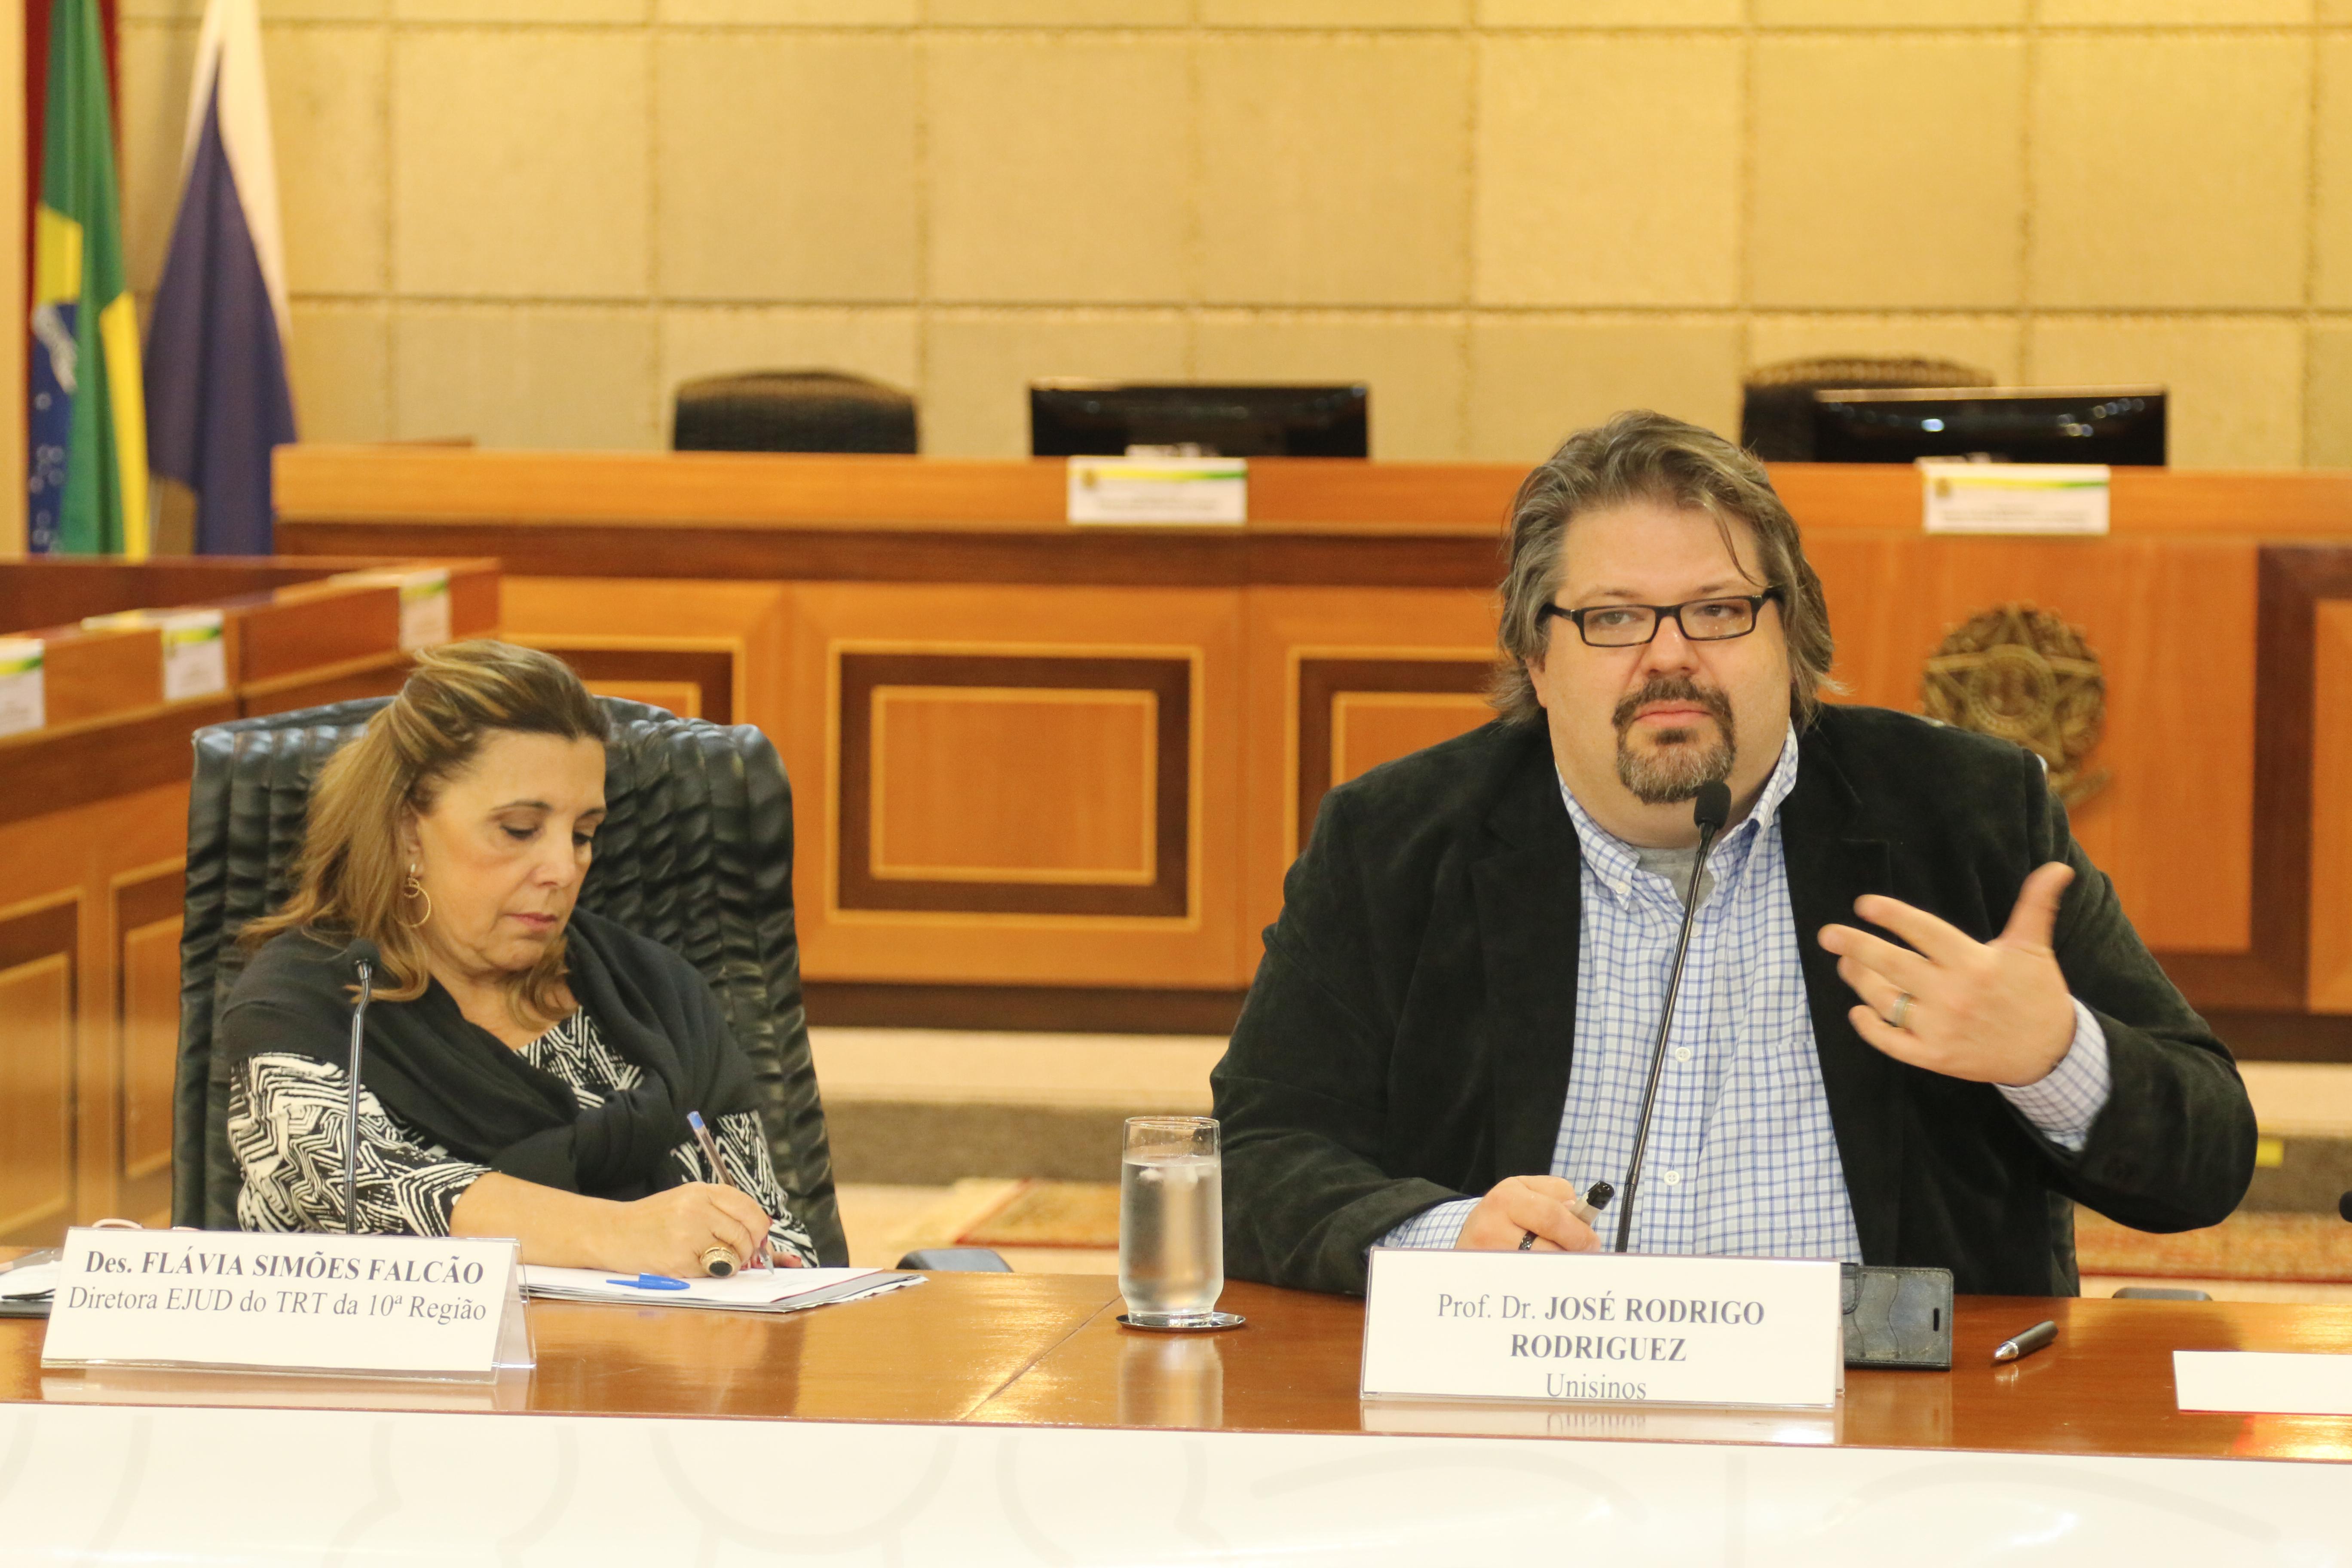 A diretora da Escola Judicial do TRT-10 (DF/TO), desembargadora Flávia Simões Falcão, presidiu a mesa da conferência do professor José Rodrigo Rodriguez.